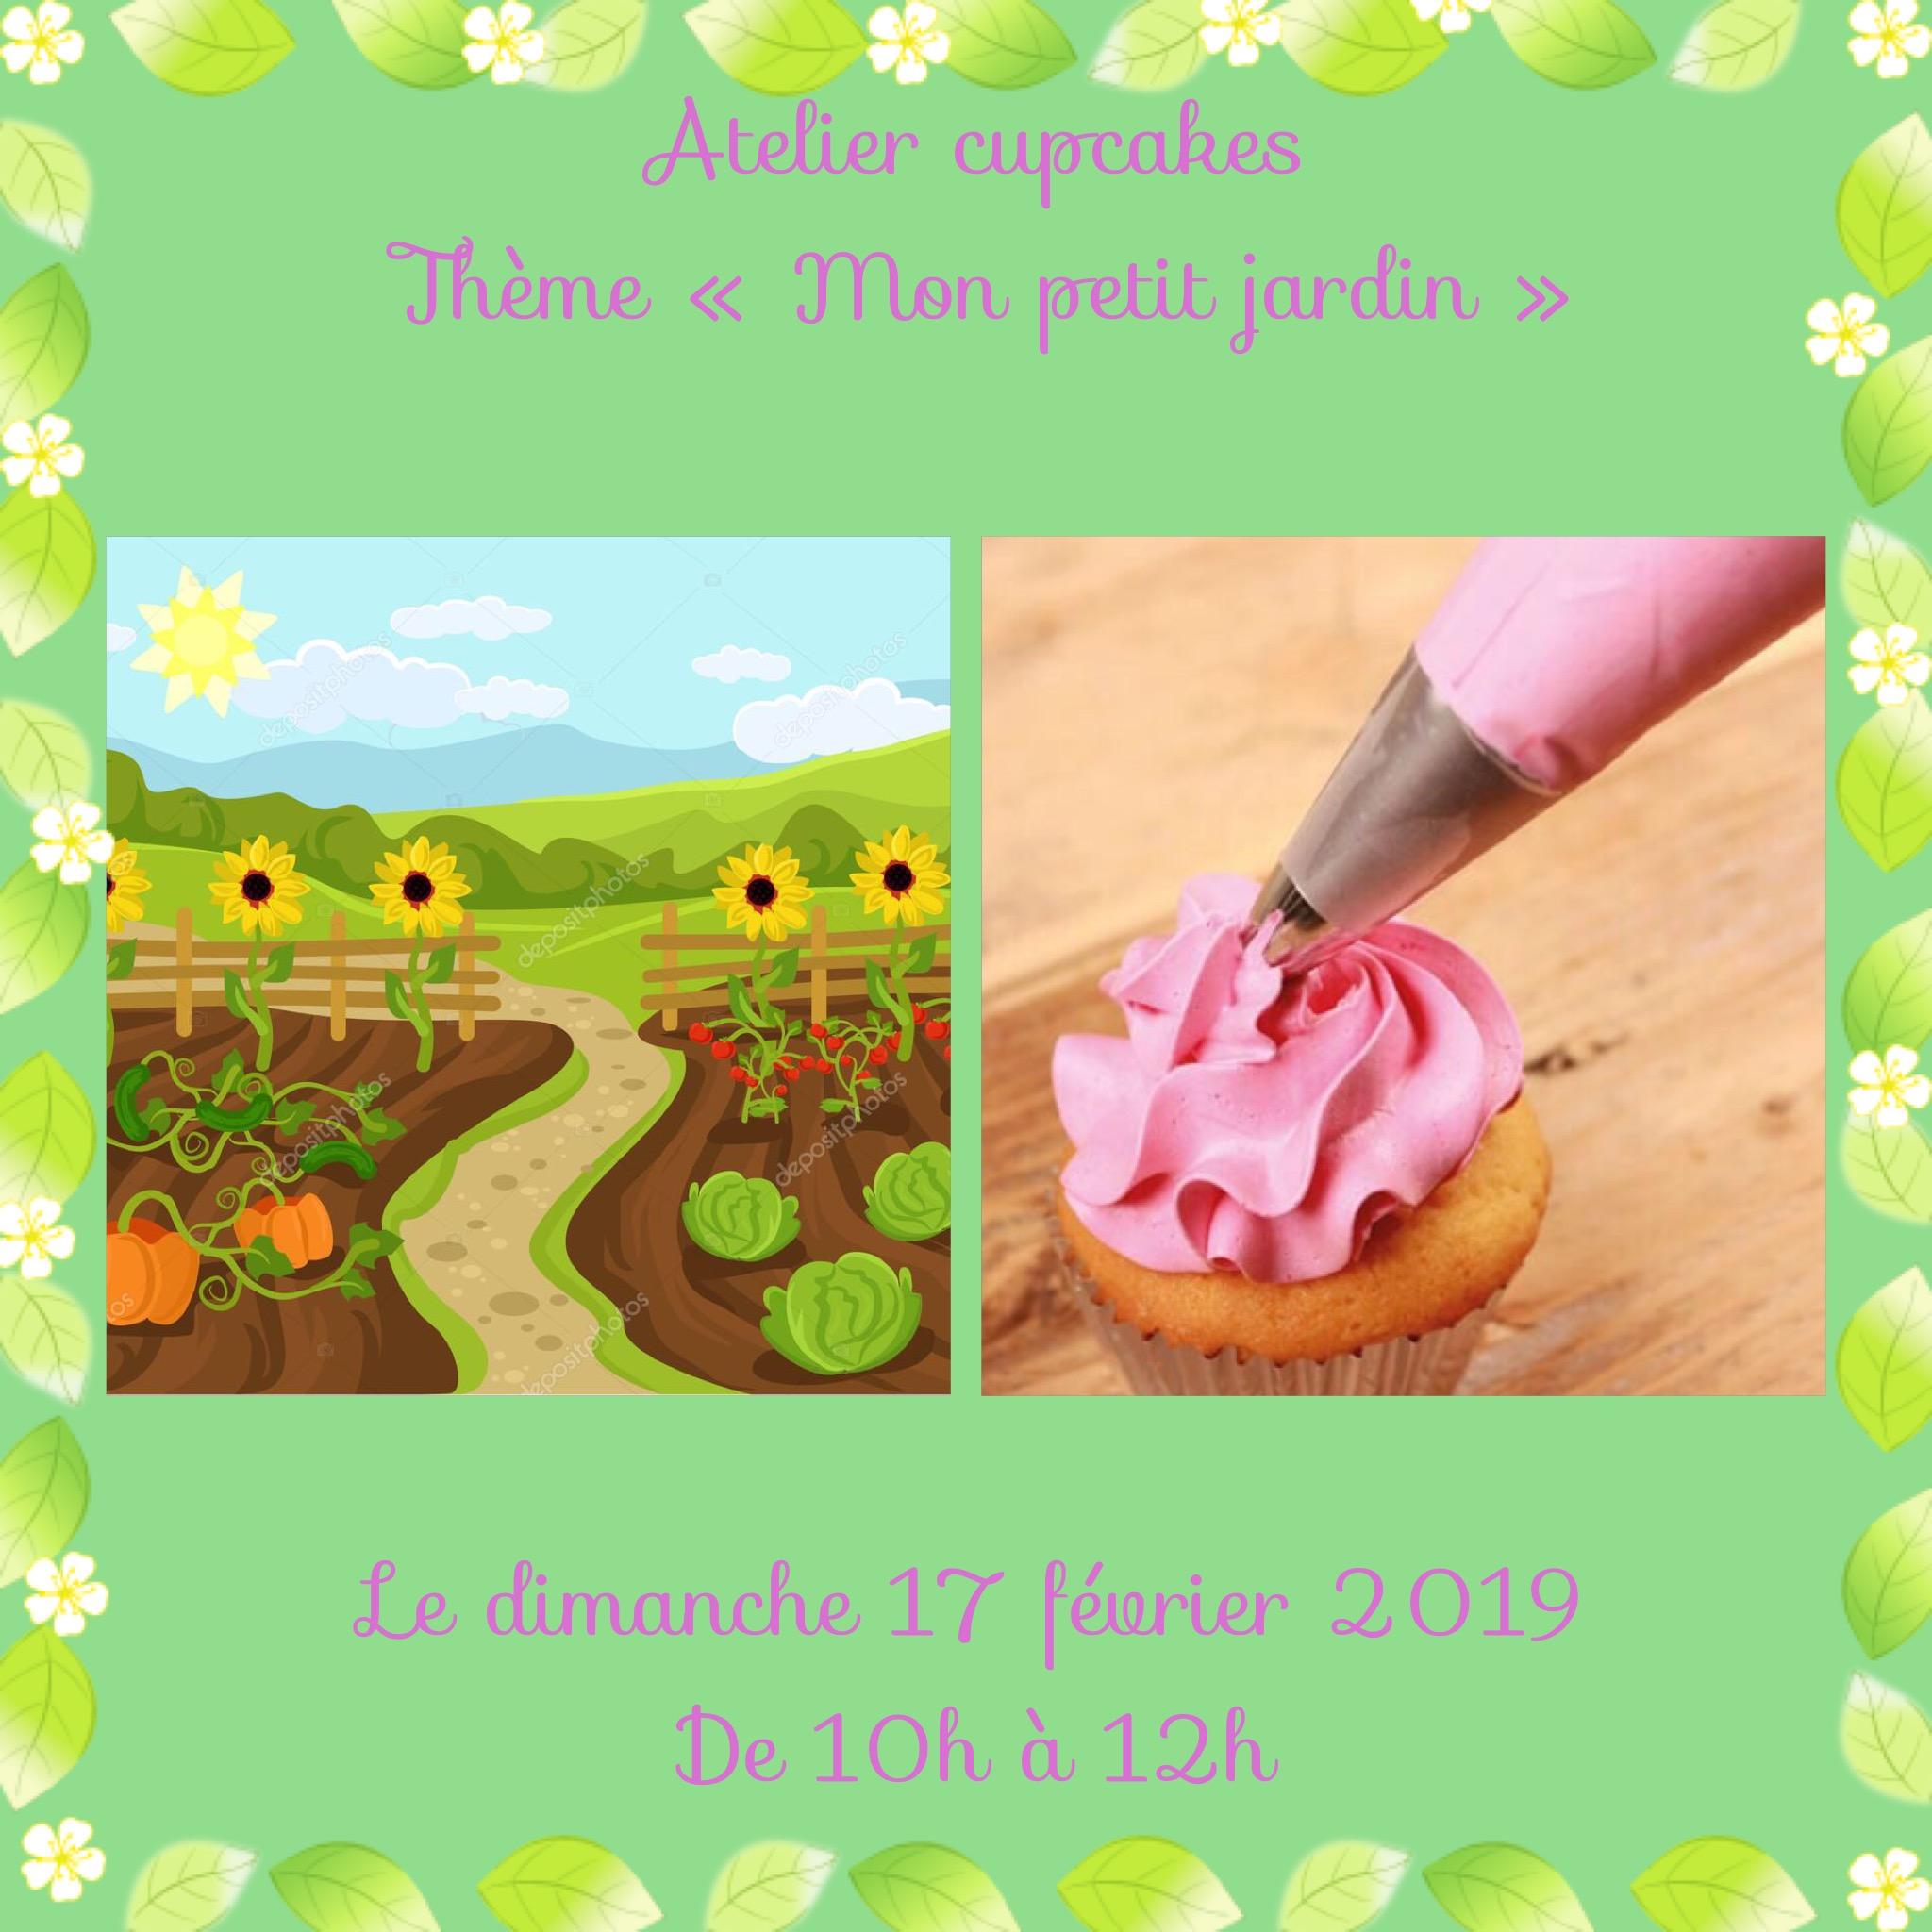 """Atelier cupcakes parents enfants du 17/02/2019 """"Mon petit jardin"""""""